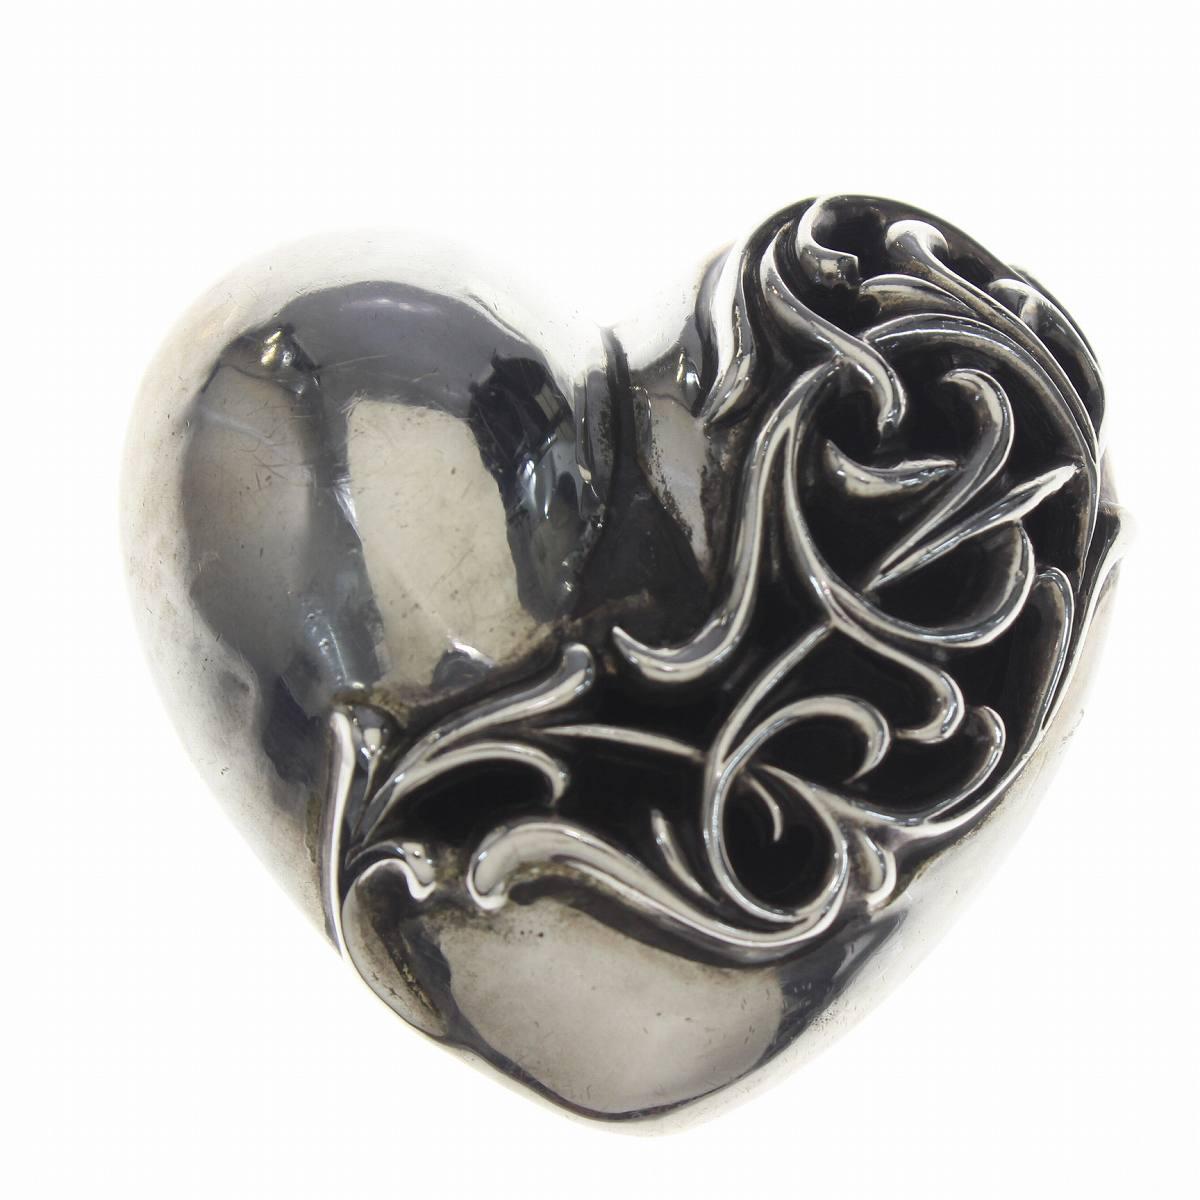 クロムハーツ/Chrome Hearts 【BUCKL HEART1.5/ラージハート】ベルトバックル(シルバー/143.65g)【SS07】【小物】【125081】【中古】bb169#rinkan*B